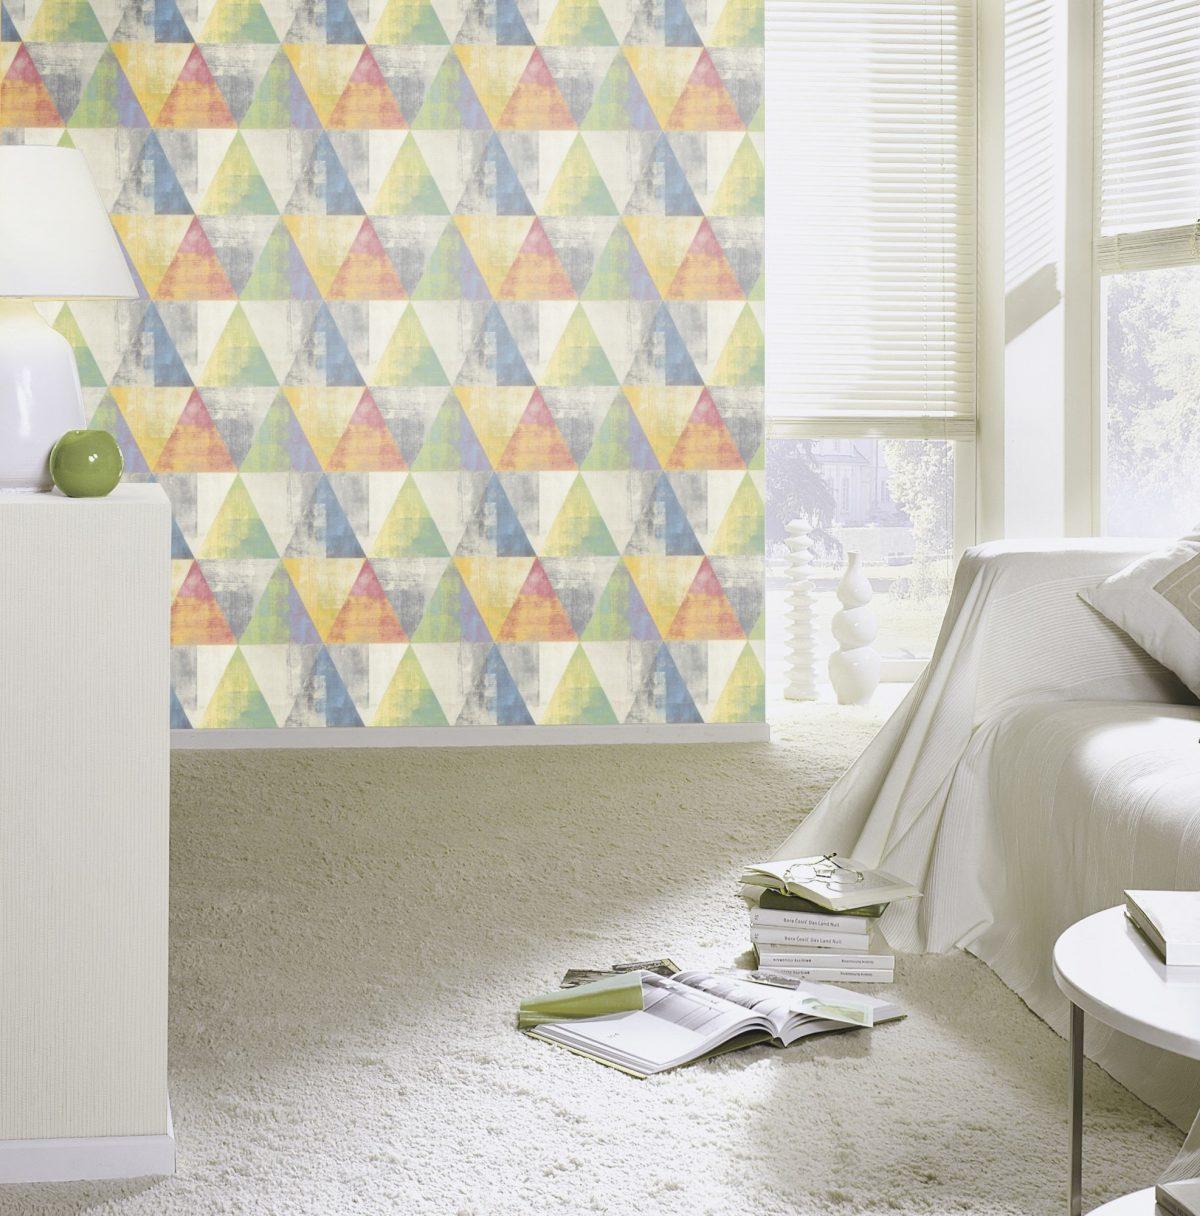 Papel mural triángulos multicolor HYDE PARK 410914 RASCH